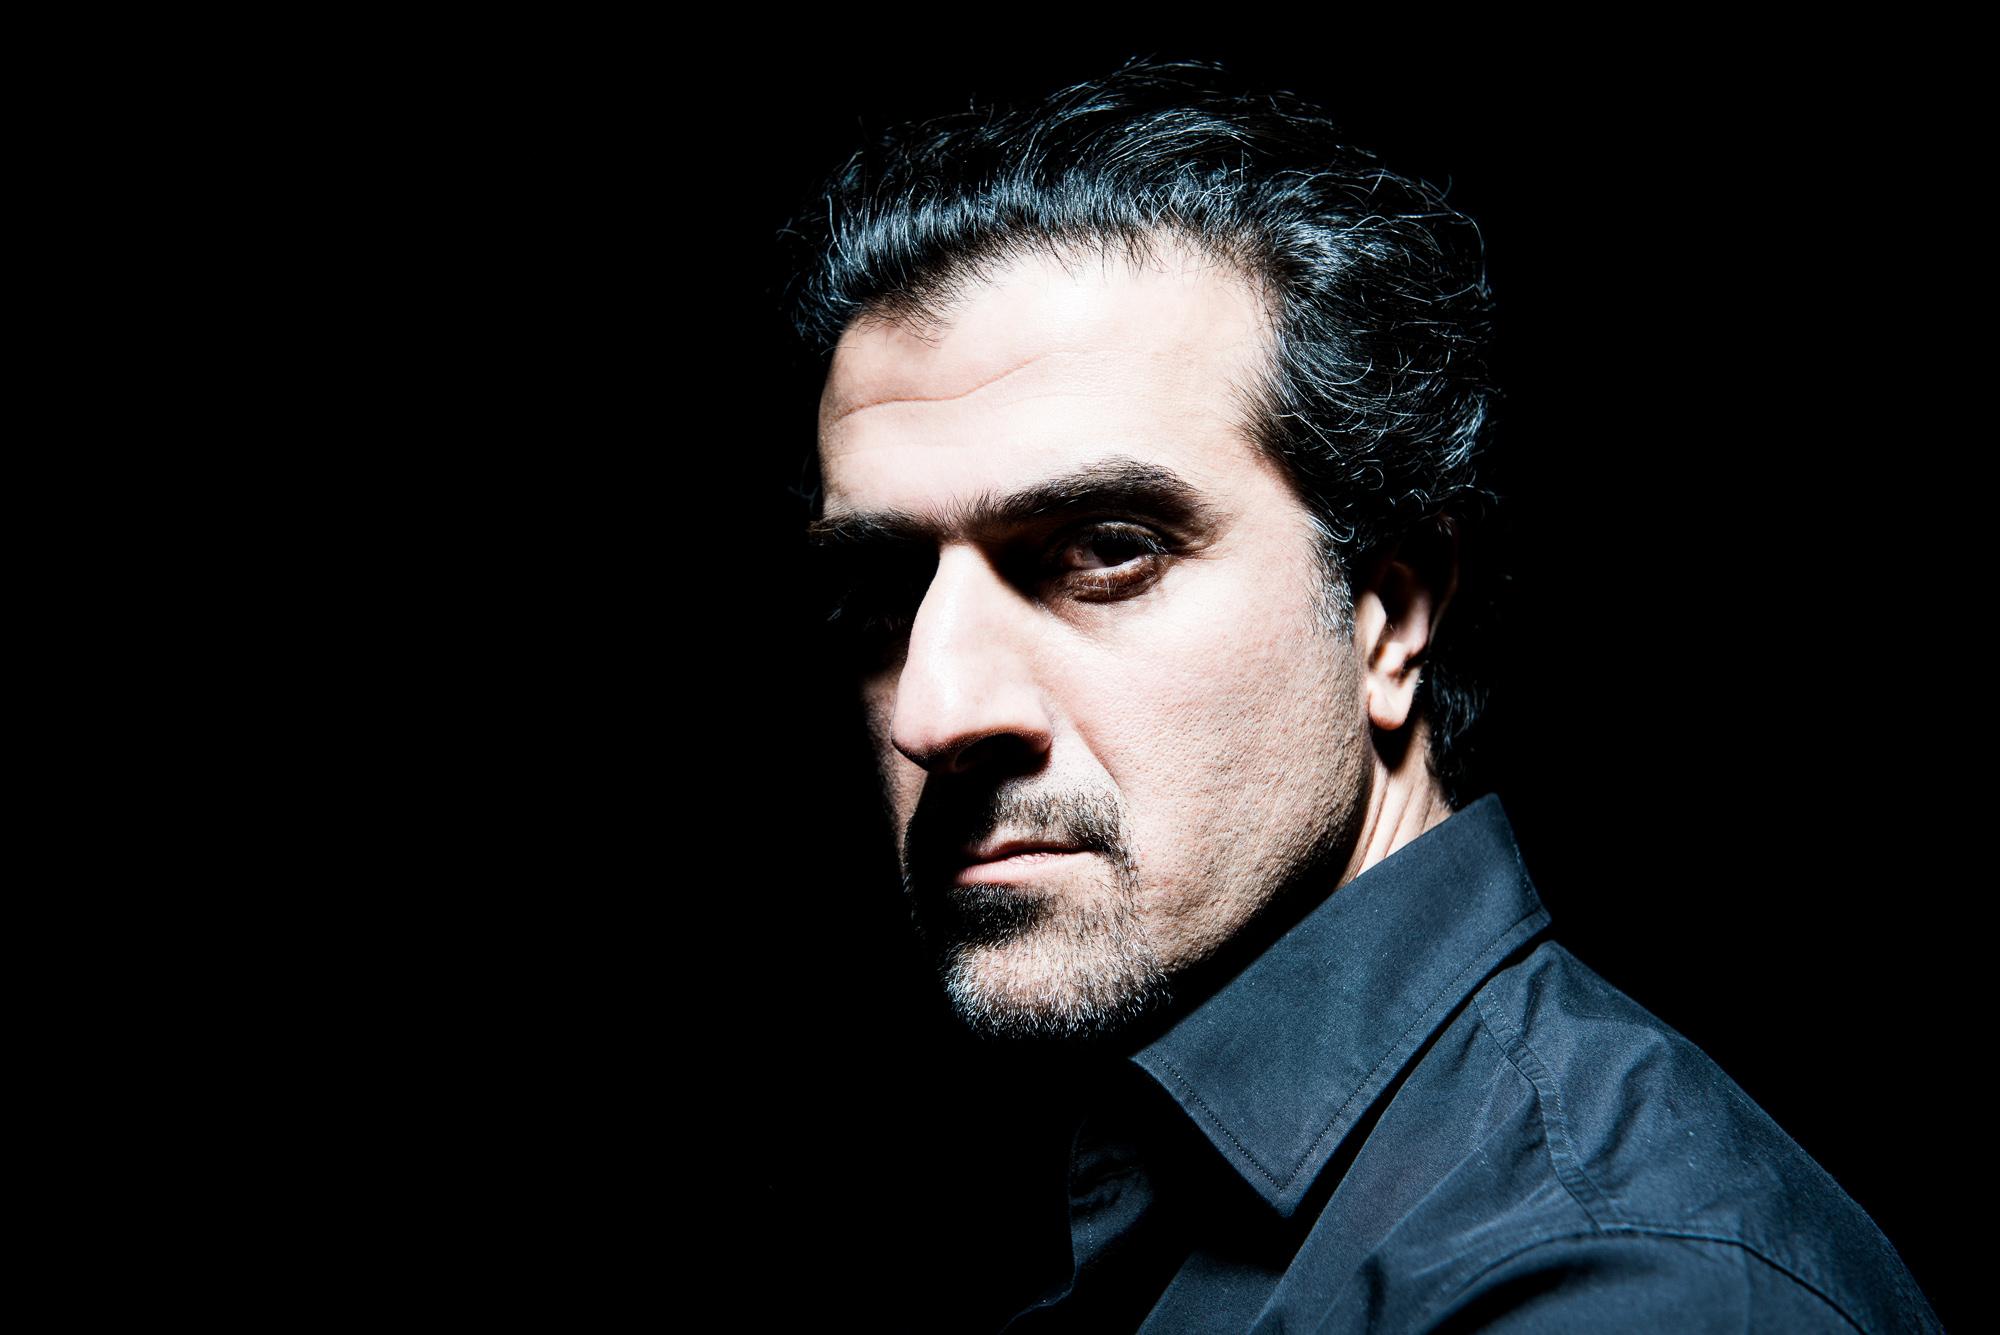 The Poet's Death é o quinto álbum de Mazgani